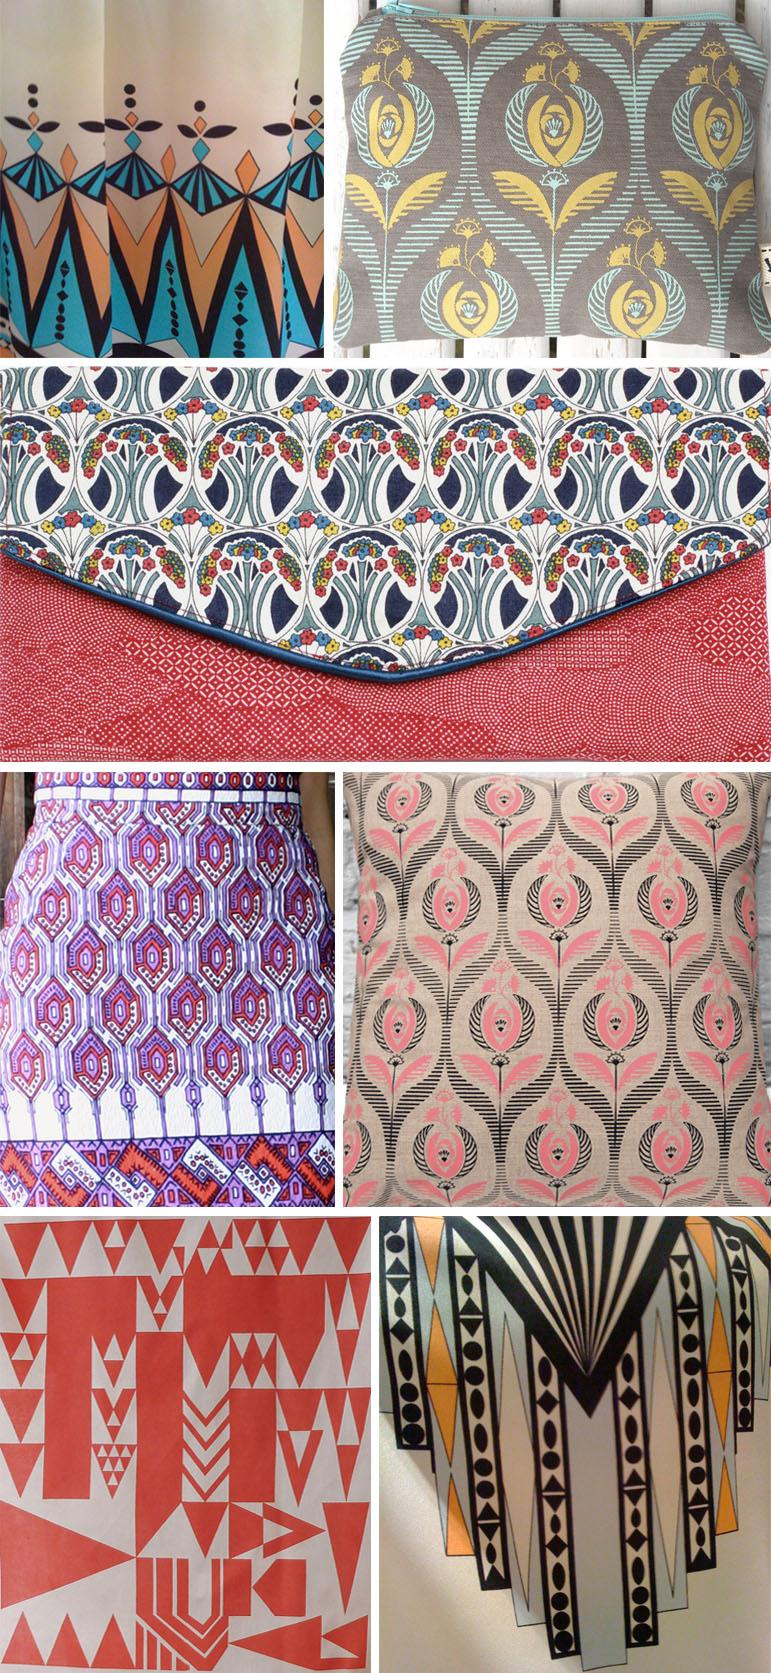 street patterns art deco pattern observer. Black Bedroom Furniture Sets. Home Design Ideas